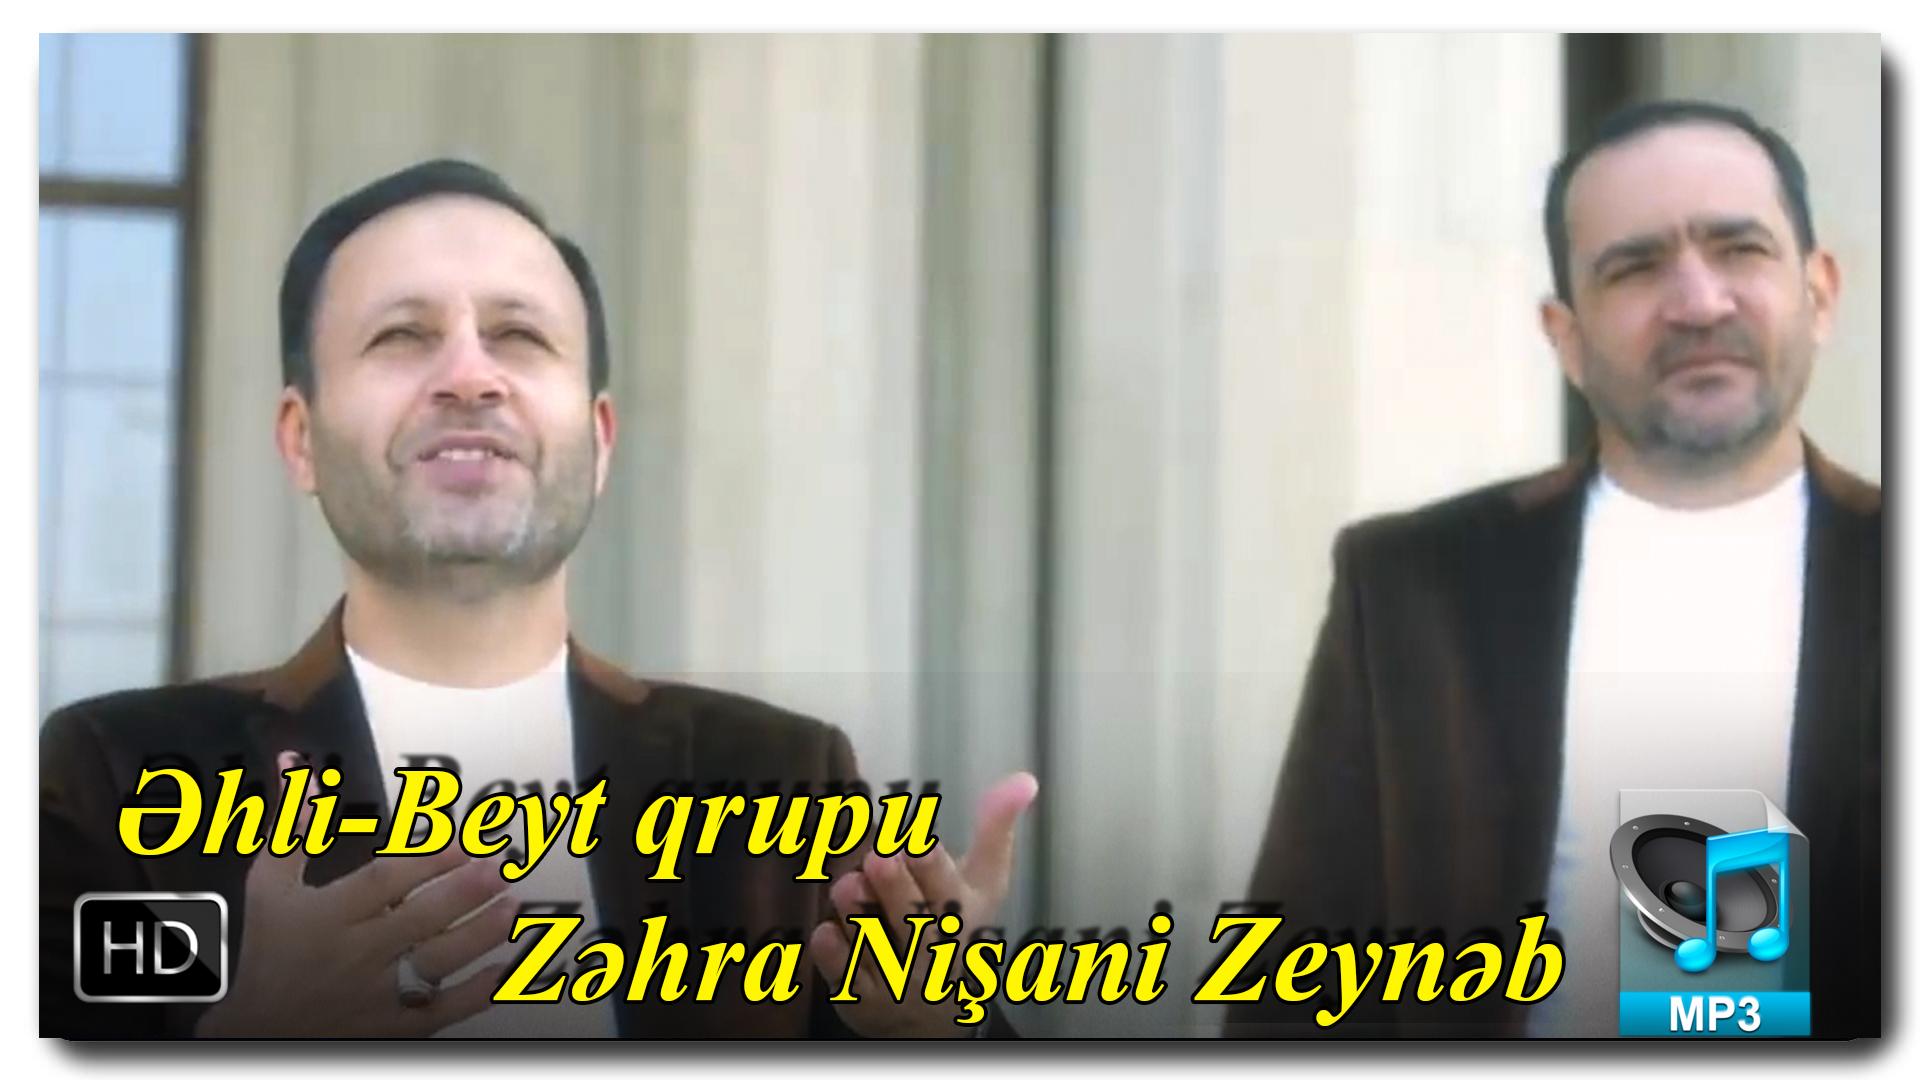 Yeni klip | Əhli-Beyt qrupu | Zəhra Nişani Zeynəb |